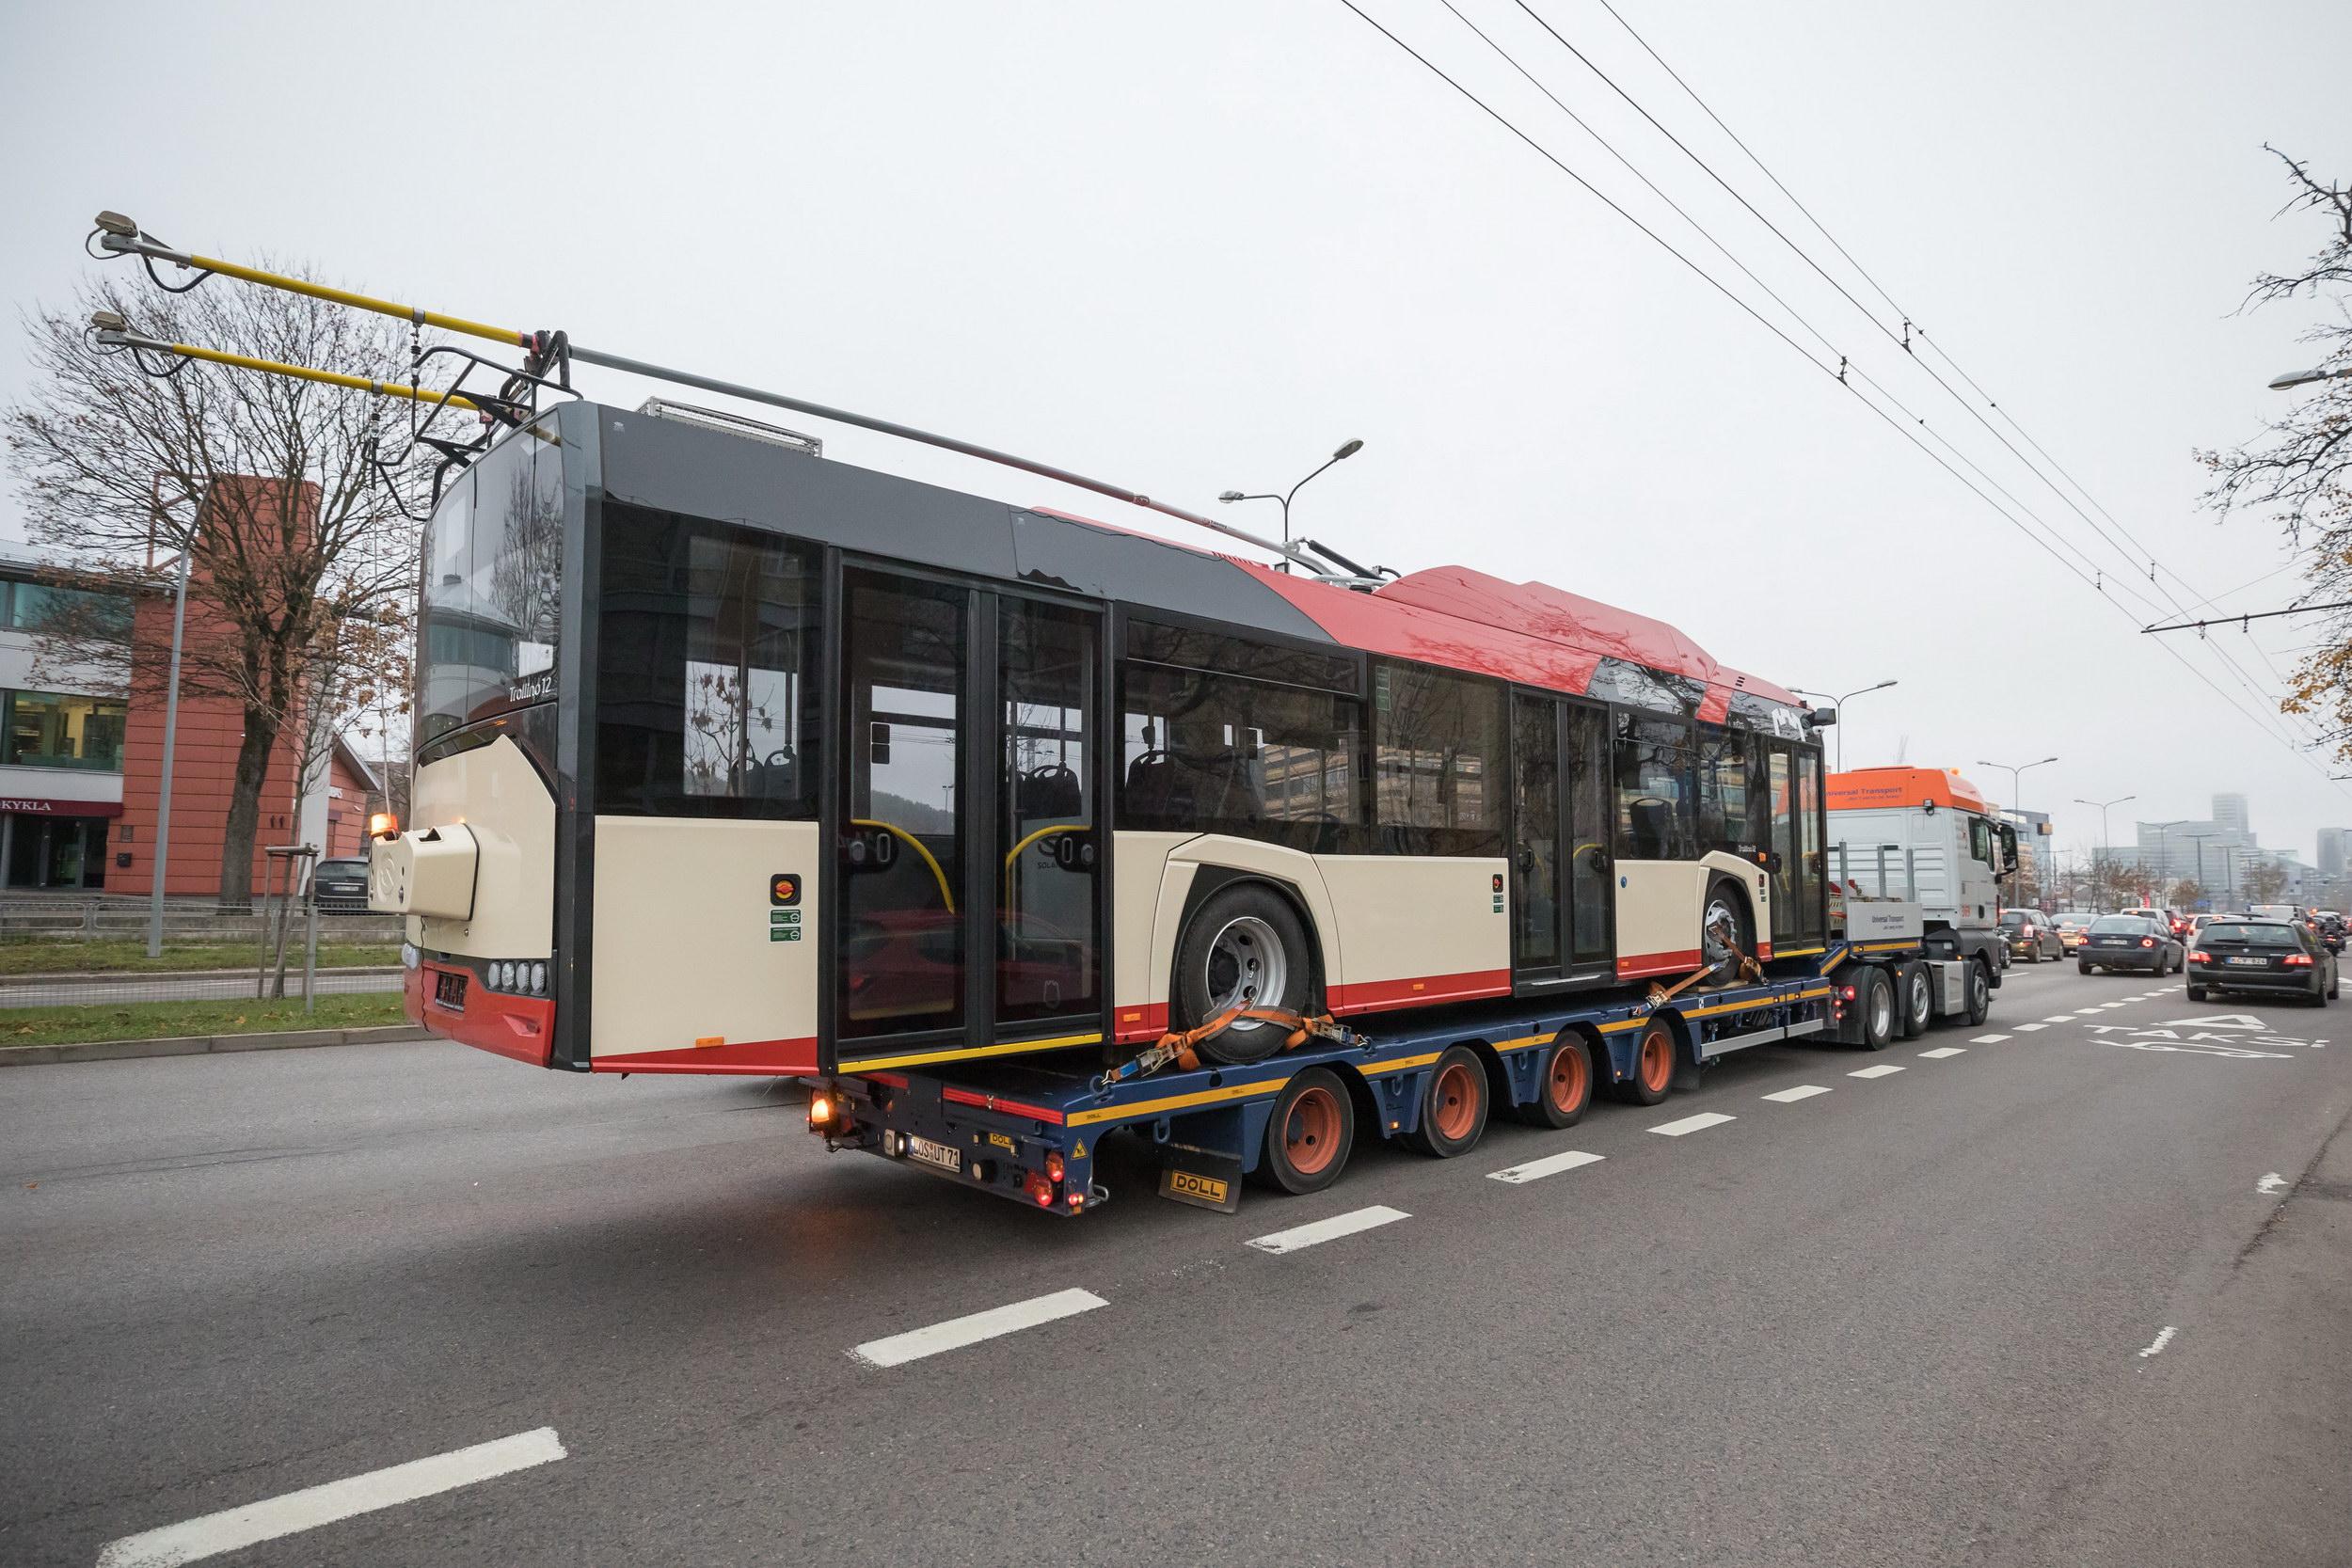 Naujieji troleibusai jau atvyksta į Vilnių – pamatykite pirmojo kelionę | S. Žiūros nuotr.